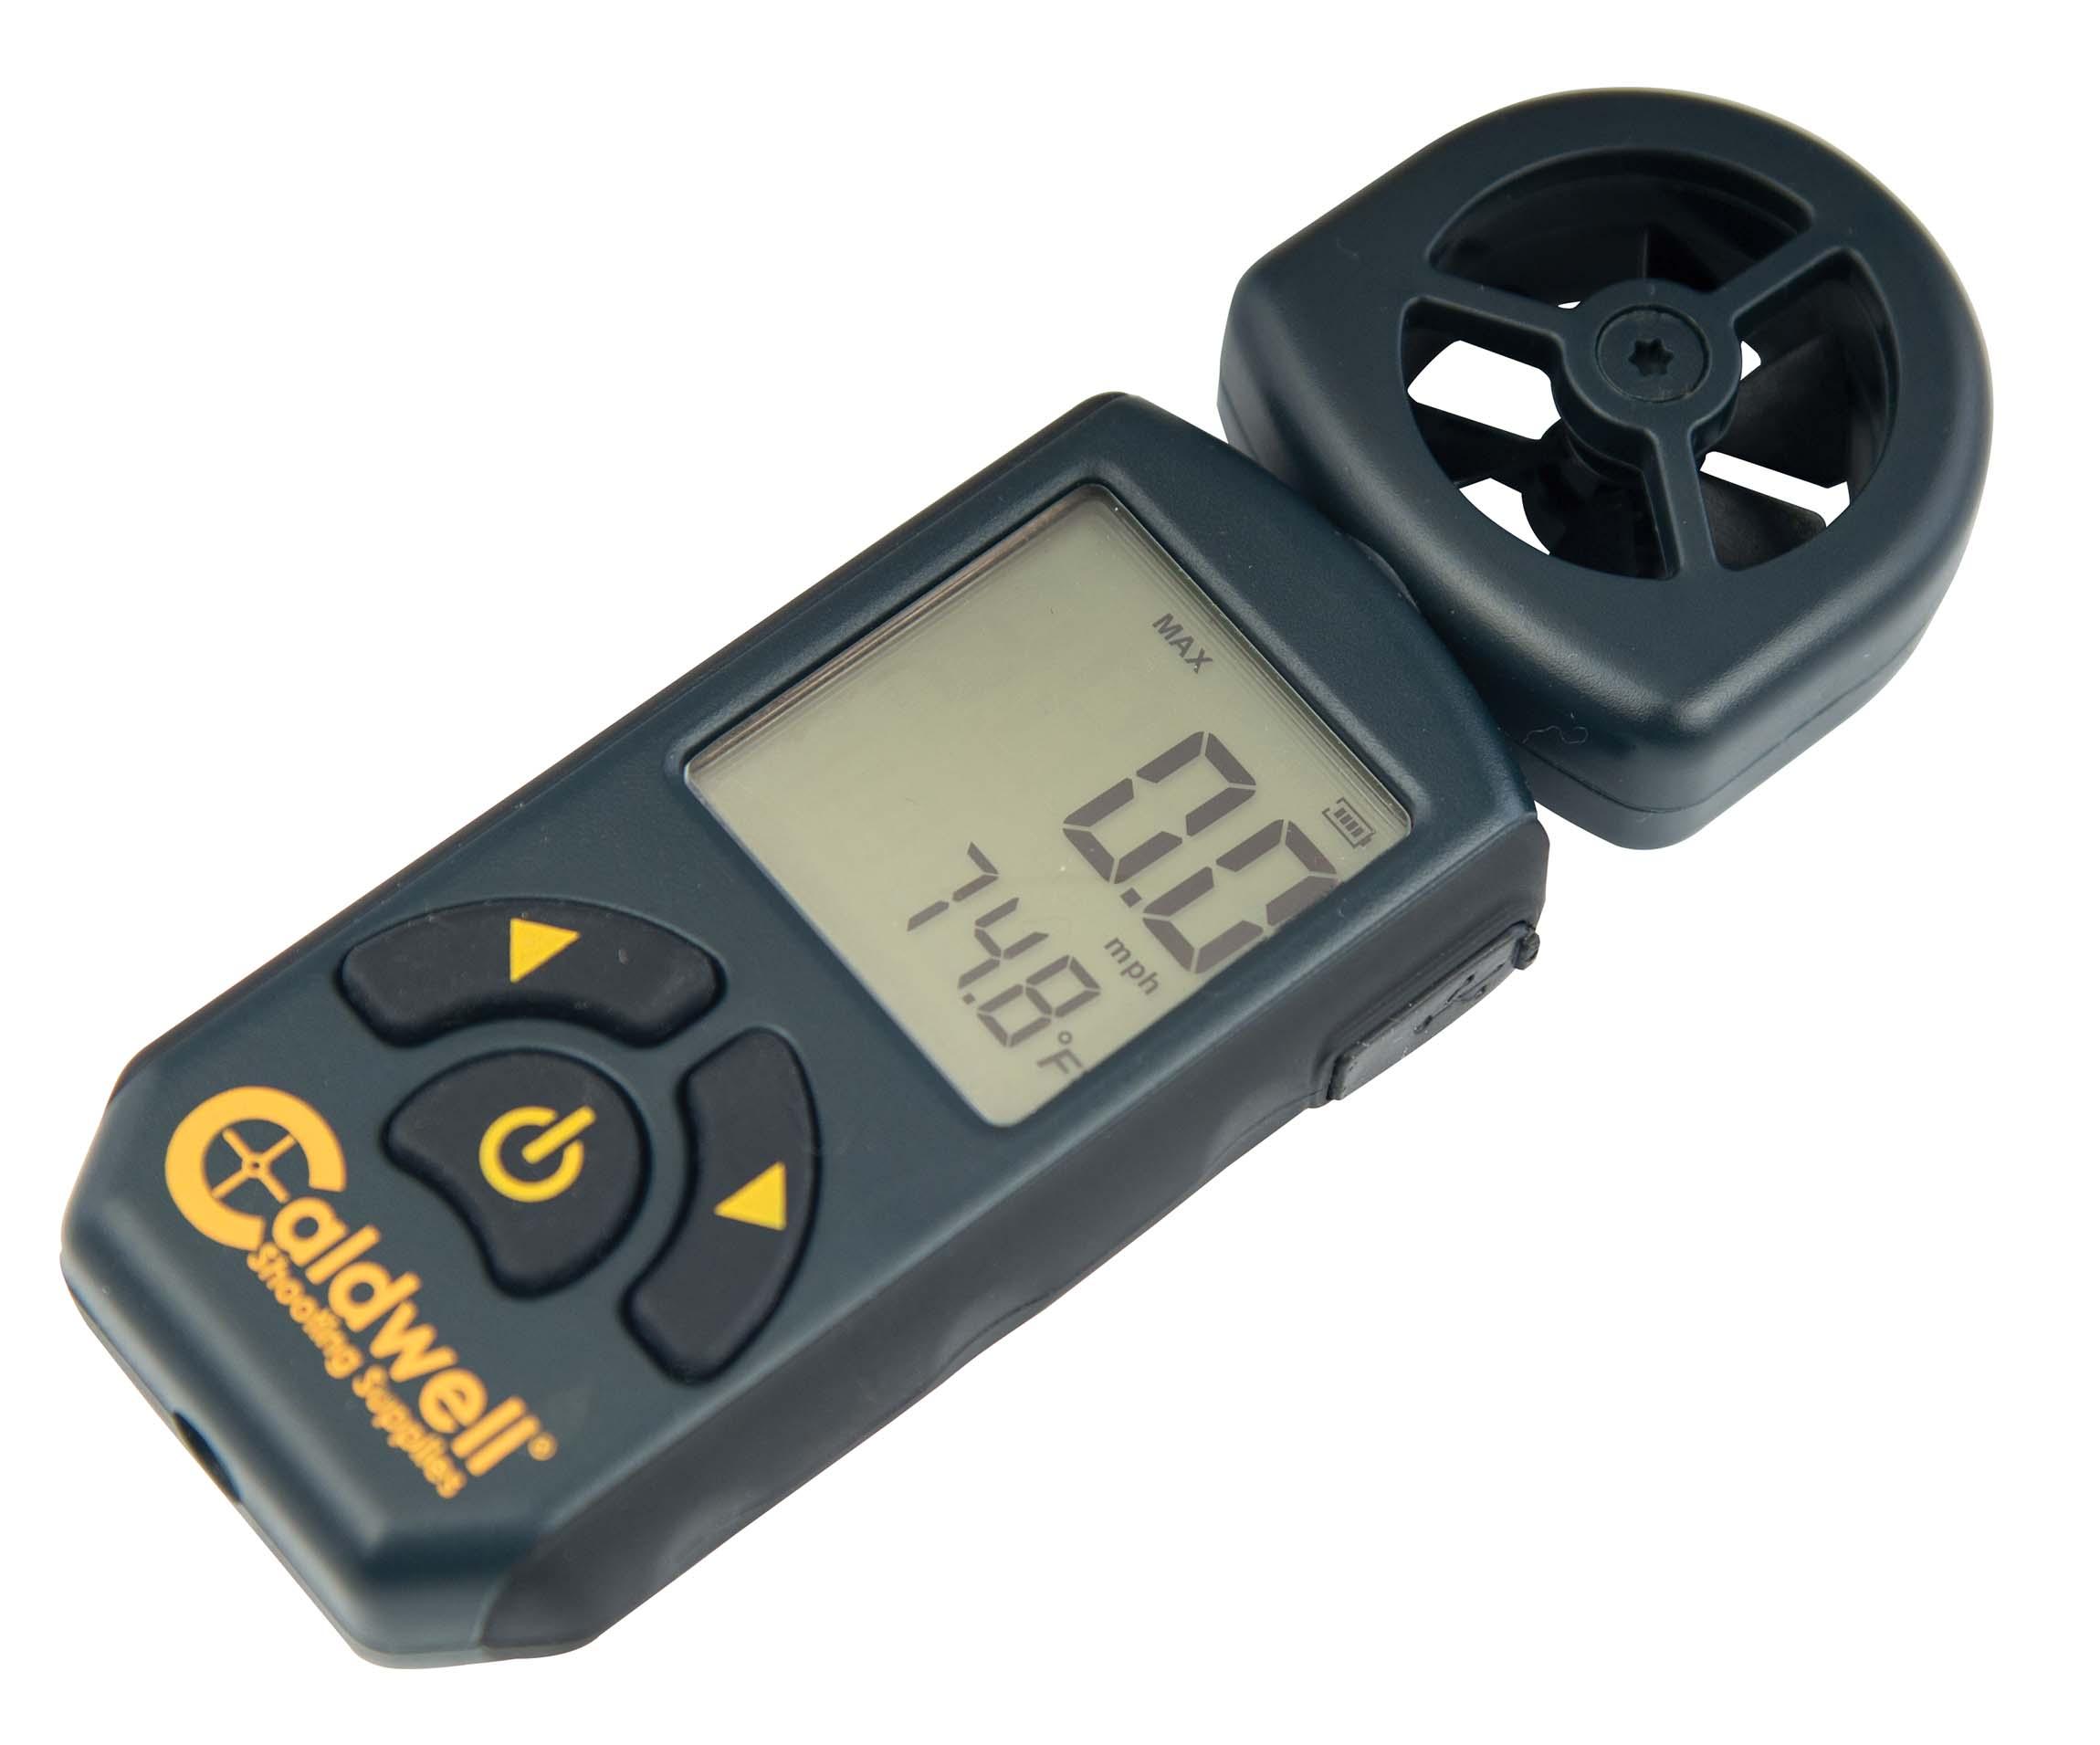 Cross Wind™ Professional Wind Meter - 112500 Display